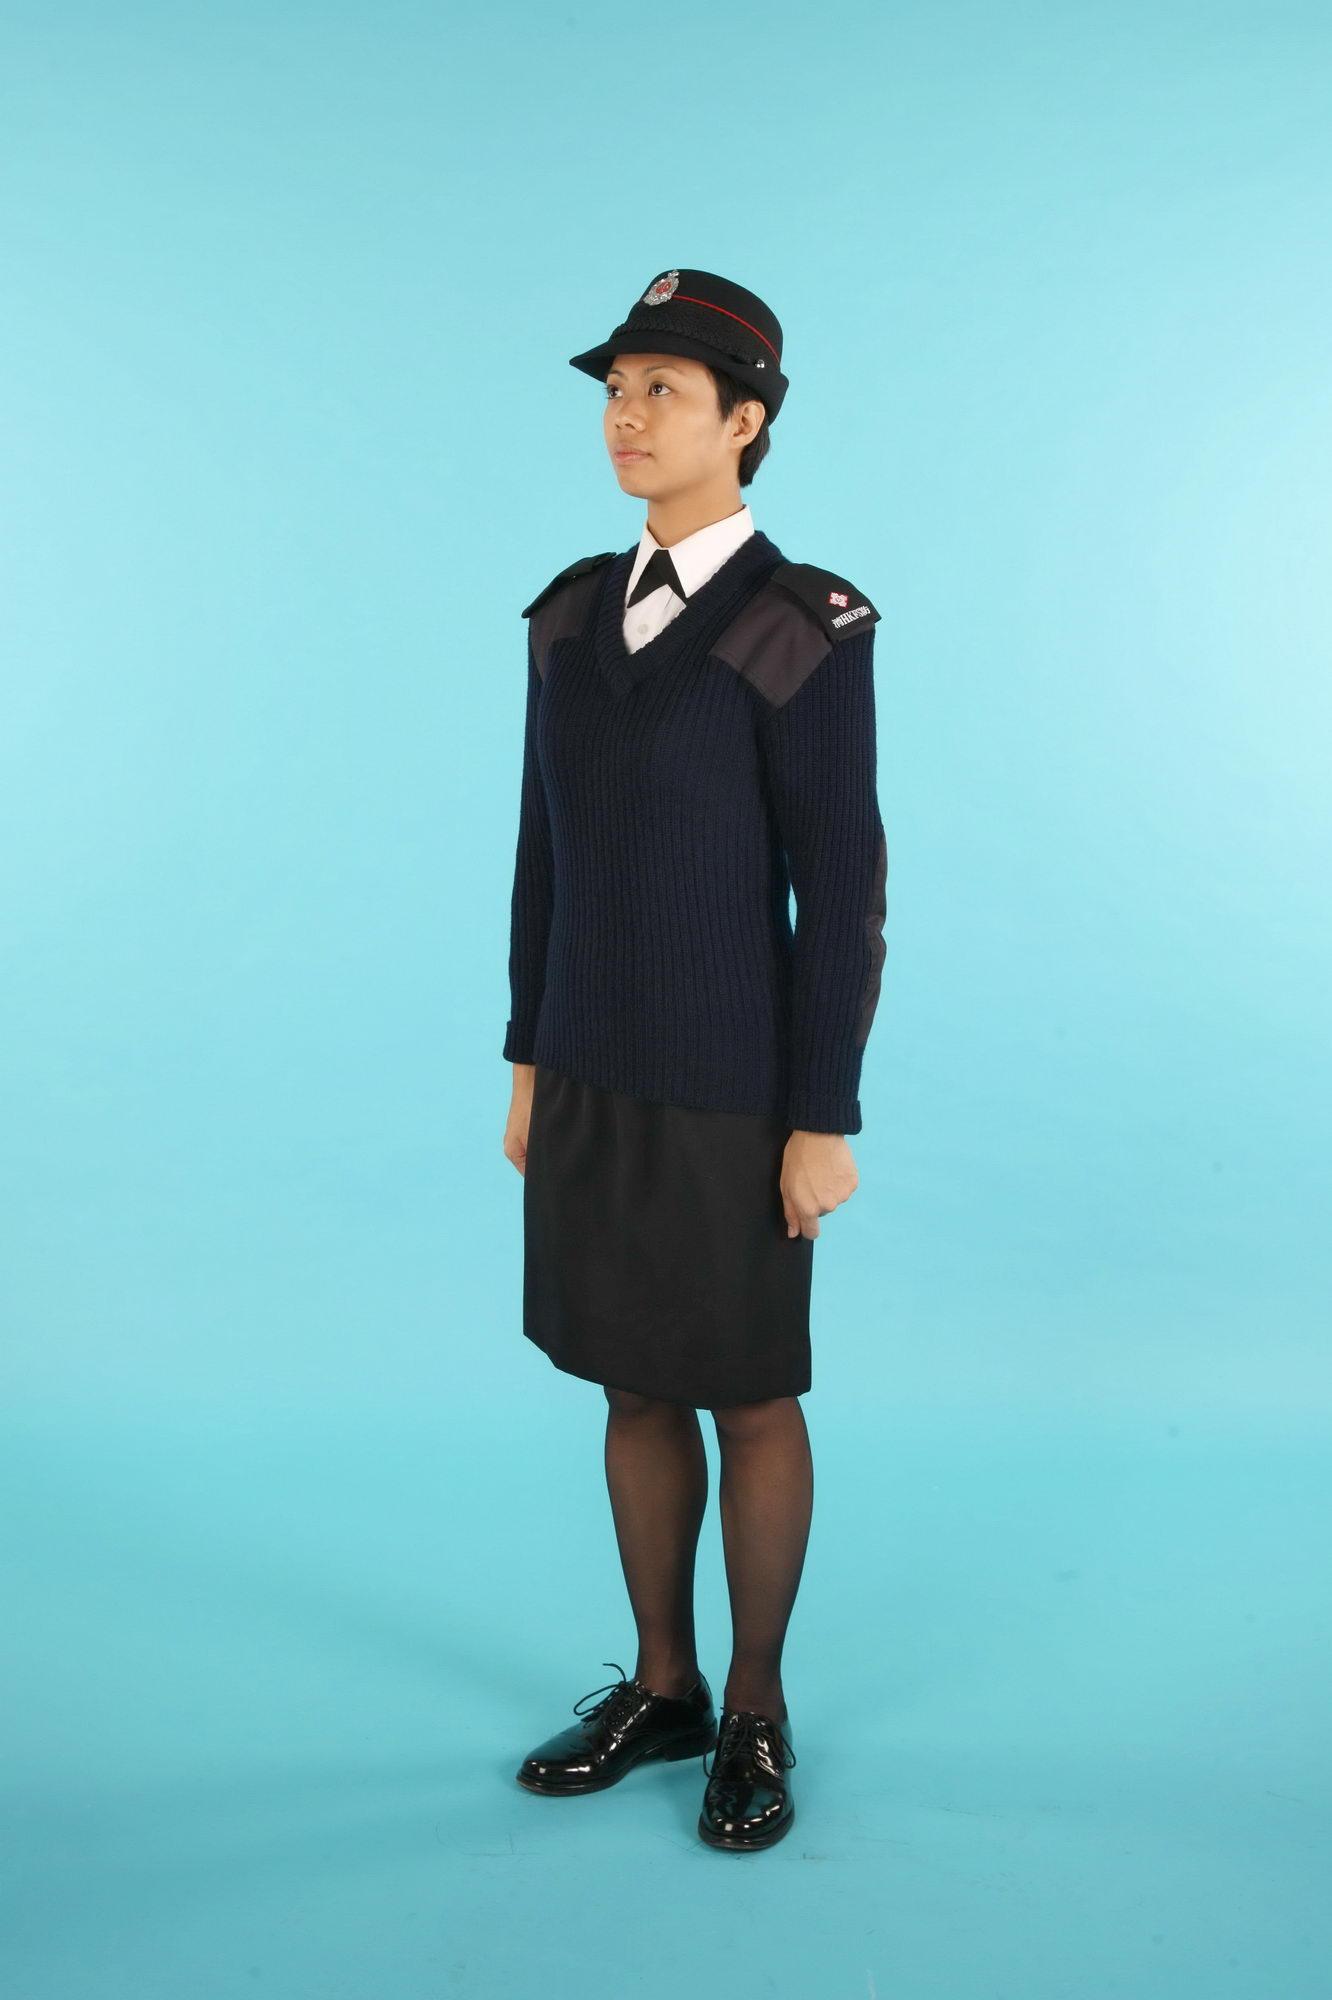 Female Officer Uniform 80